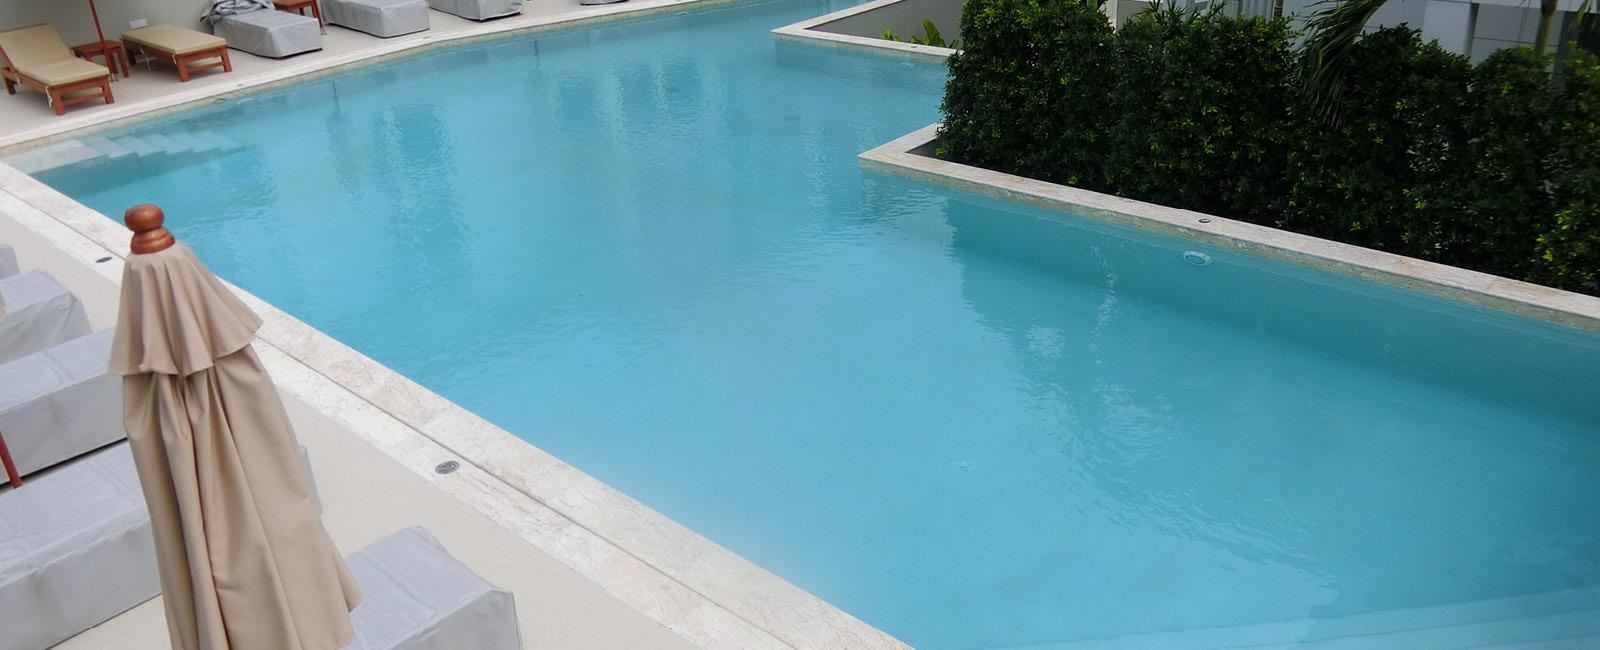 Paradise Pool Interiors Sliders 11